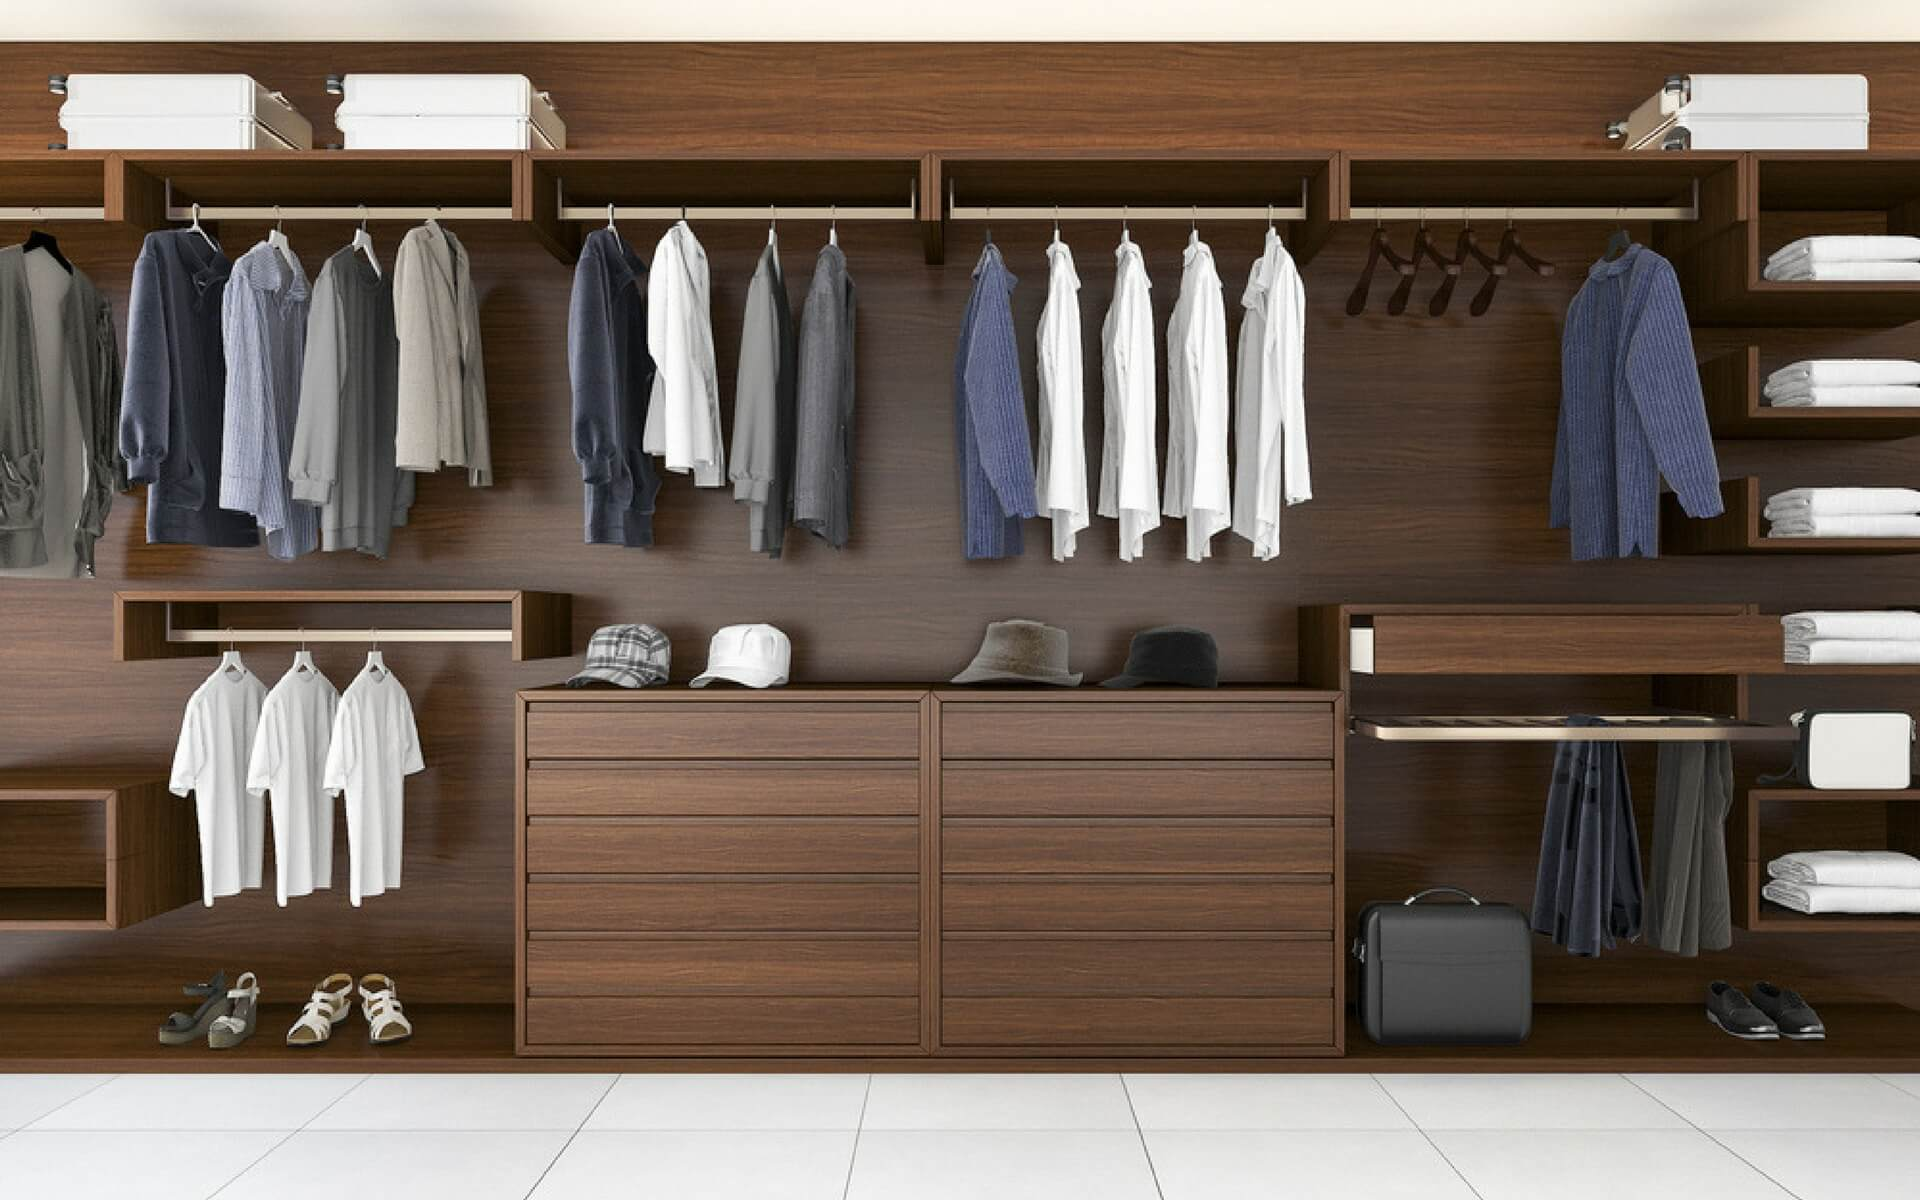 Idee Per Arredare Una Cabina Armadio : Come ricavare e organizzare una cabina armadio in casa